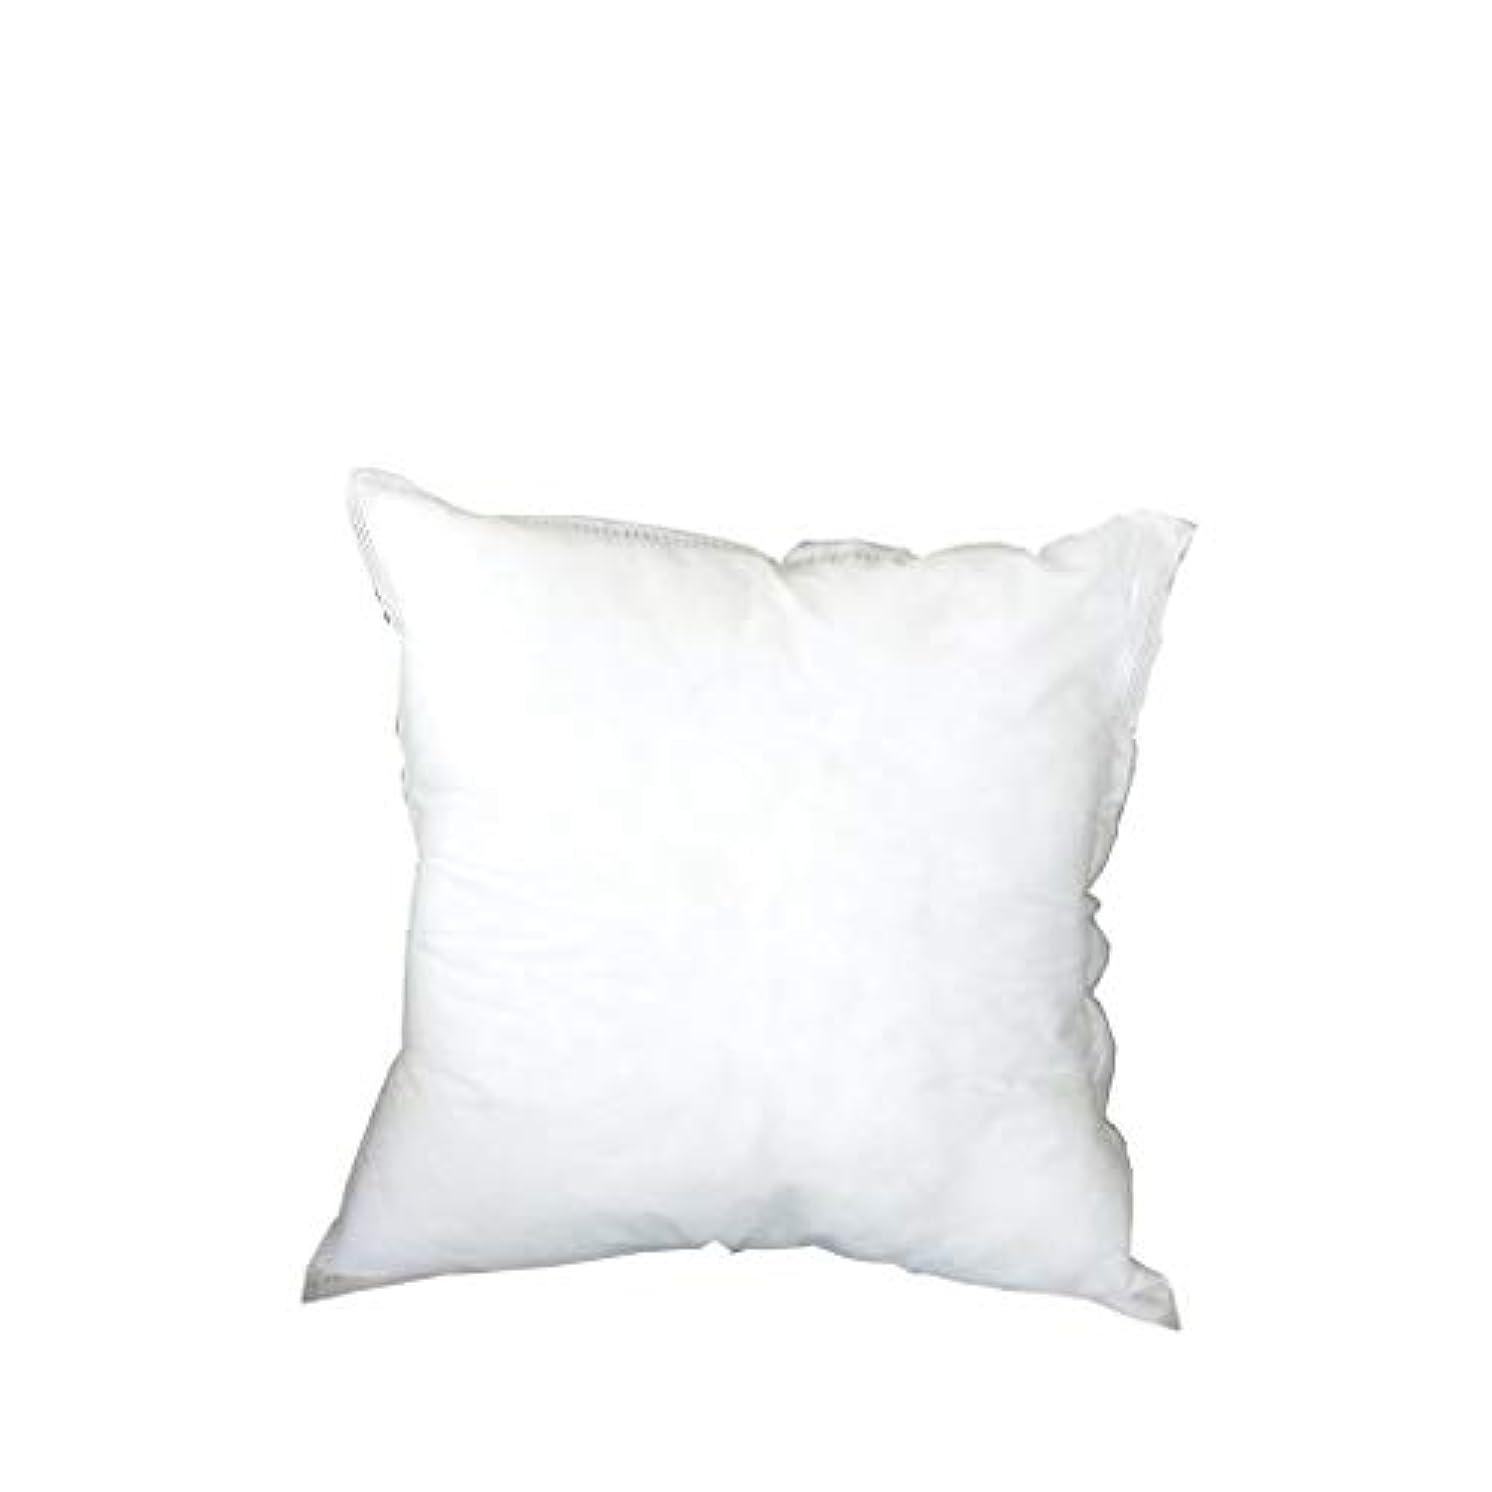 風景惑星傷跡LIFE 寝具正方形 PP 綿枕インテリア家の装飾白 45 × 45 車のソファチェアクッション coussin decoratif 新 クッション 椅子